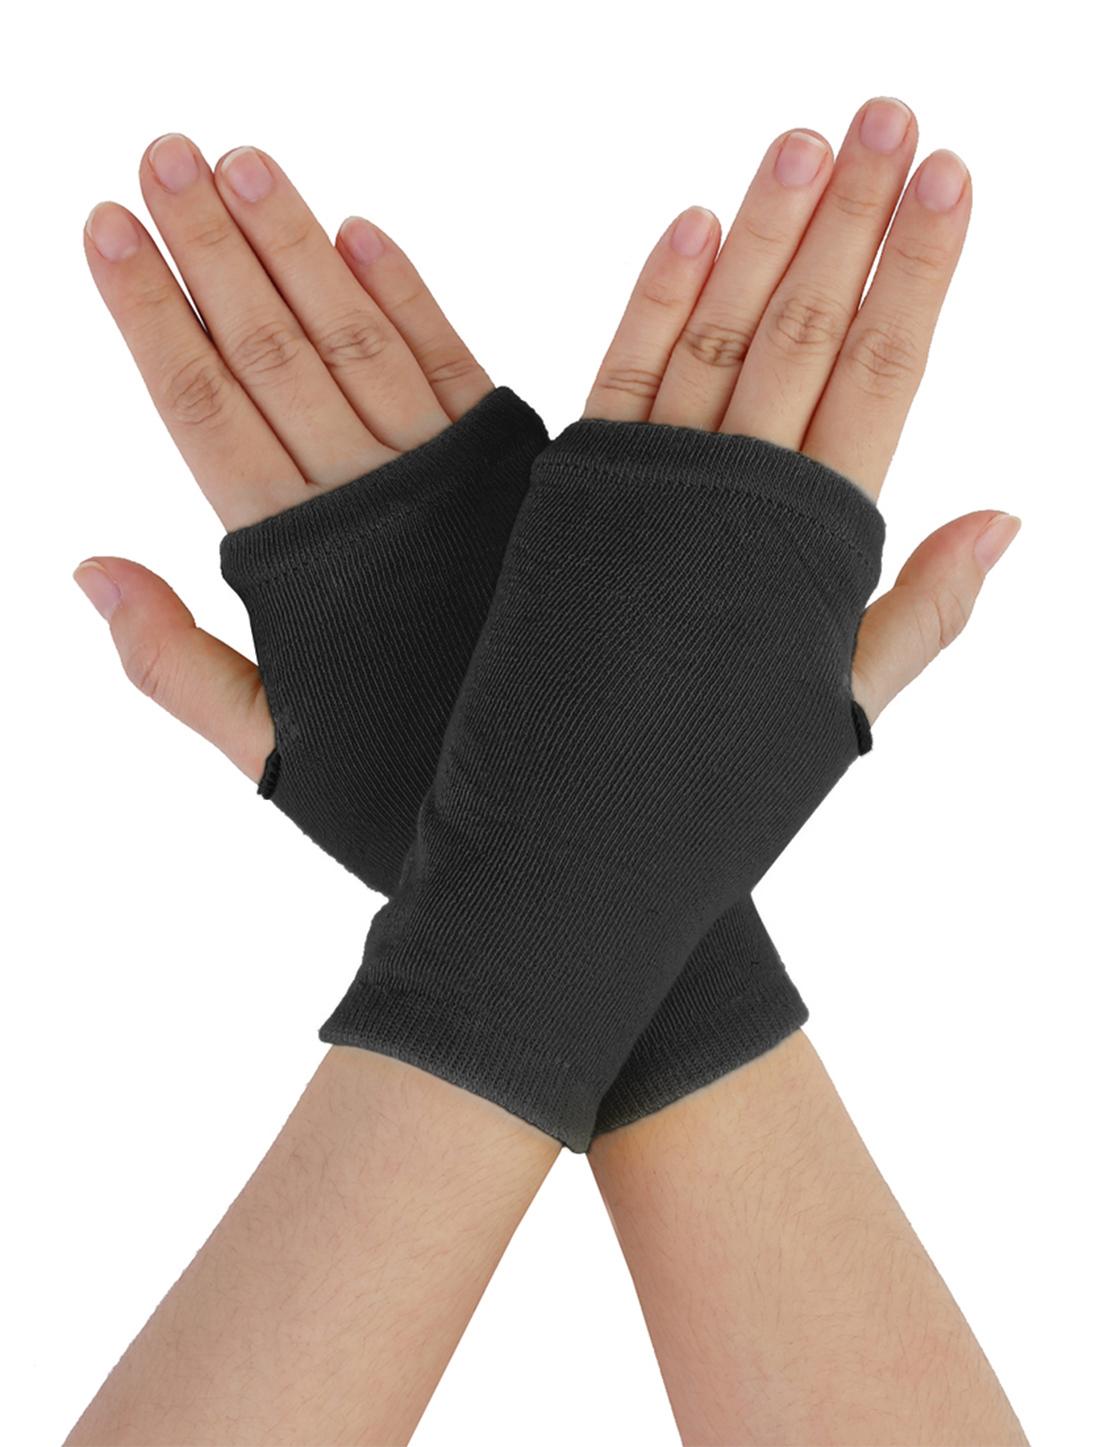 Dark Gray Knitted Stretch Fingerless Winter Gloves for Women